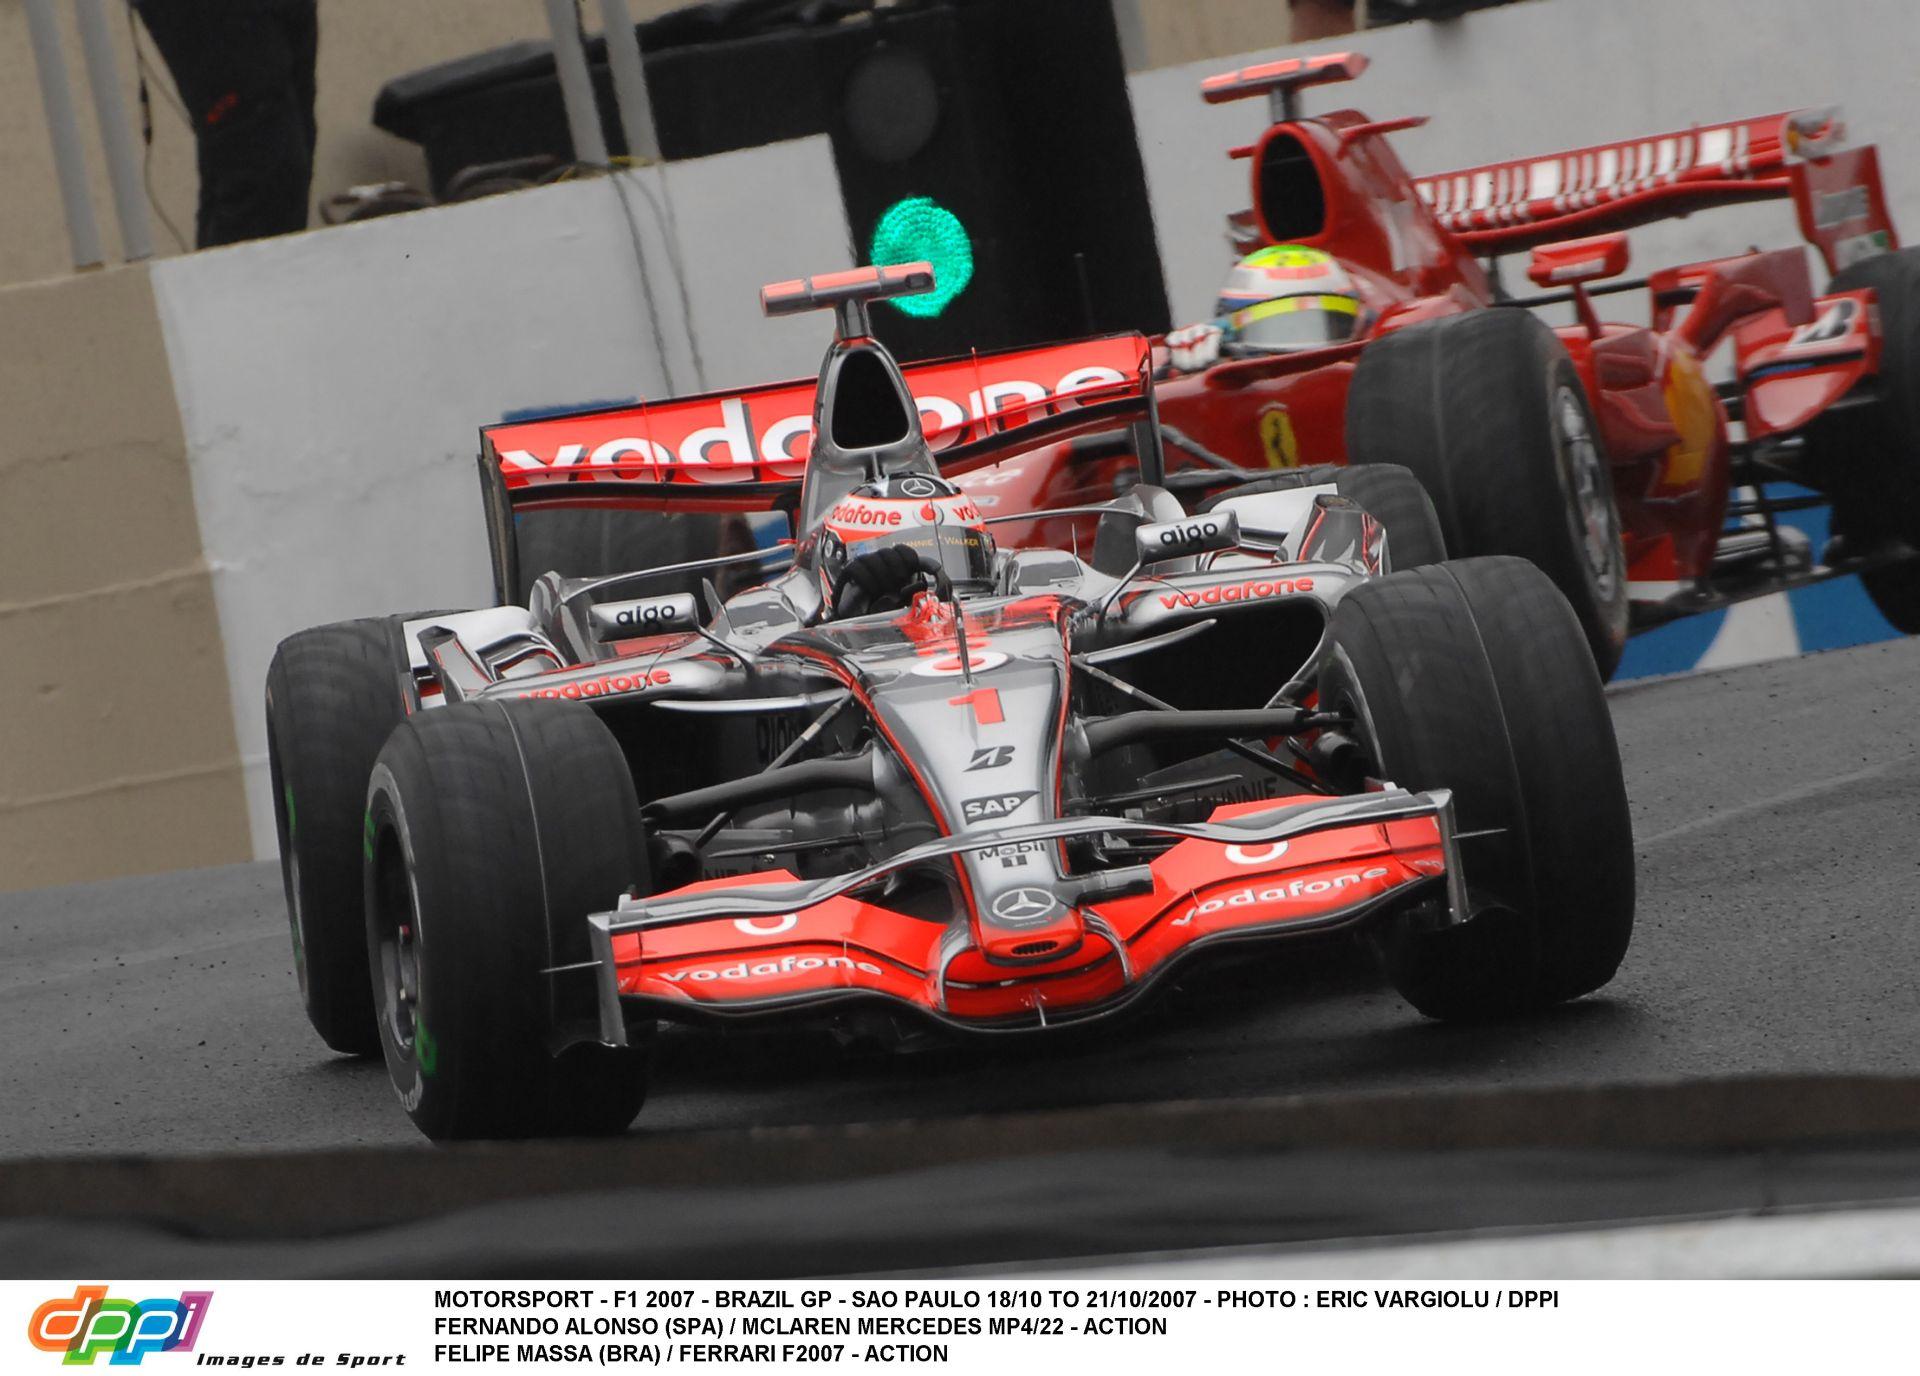 Diário Motorsport: Alonso 2015-től a McLaren versenyzője lesz!